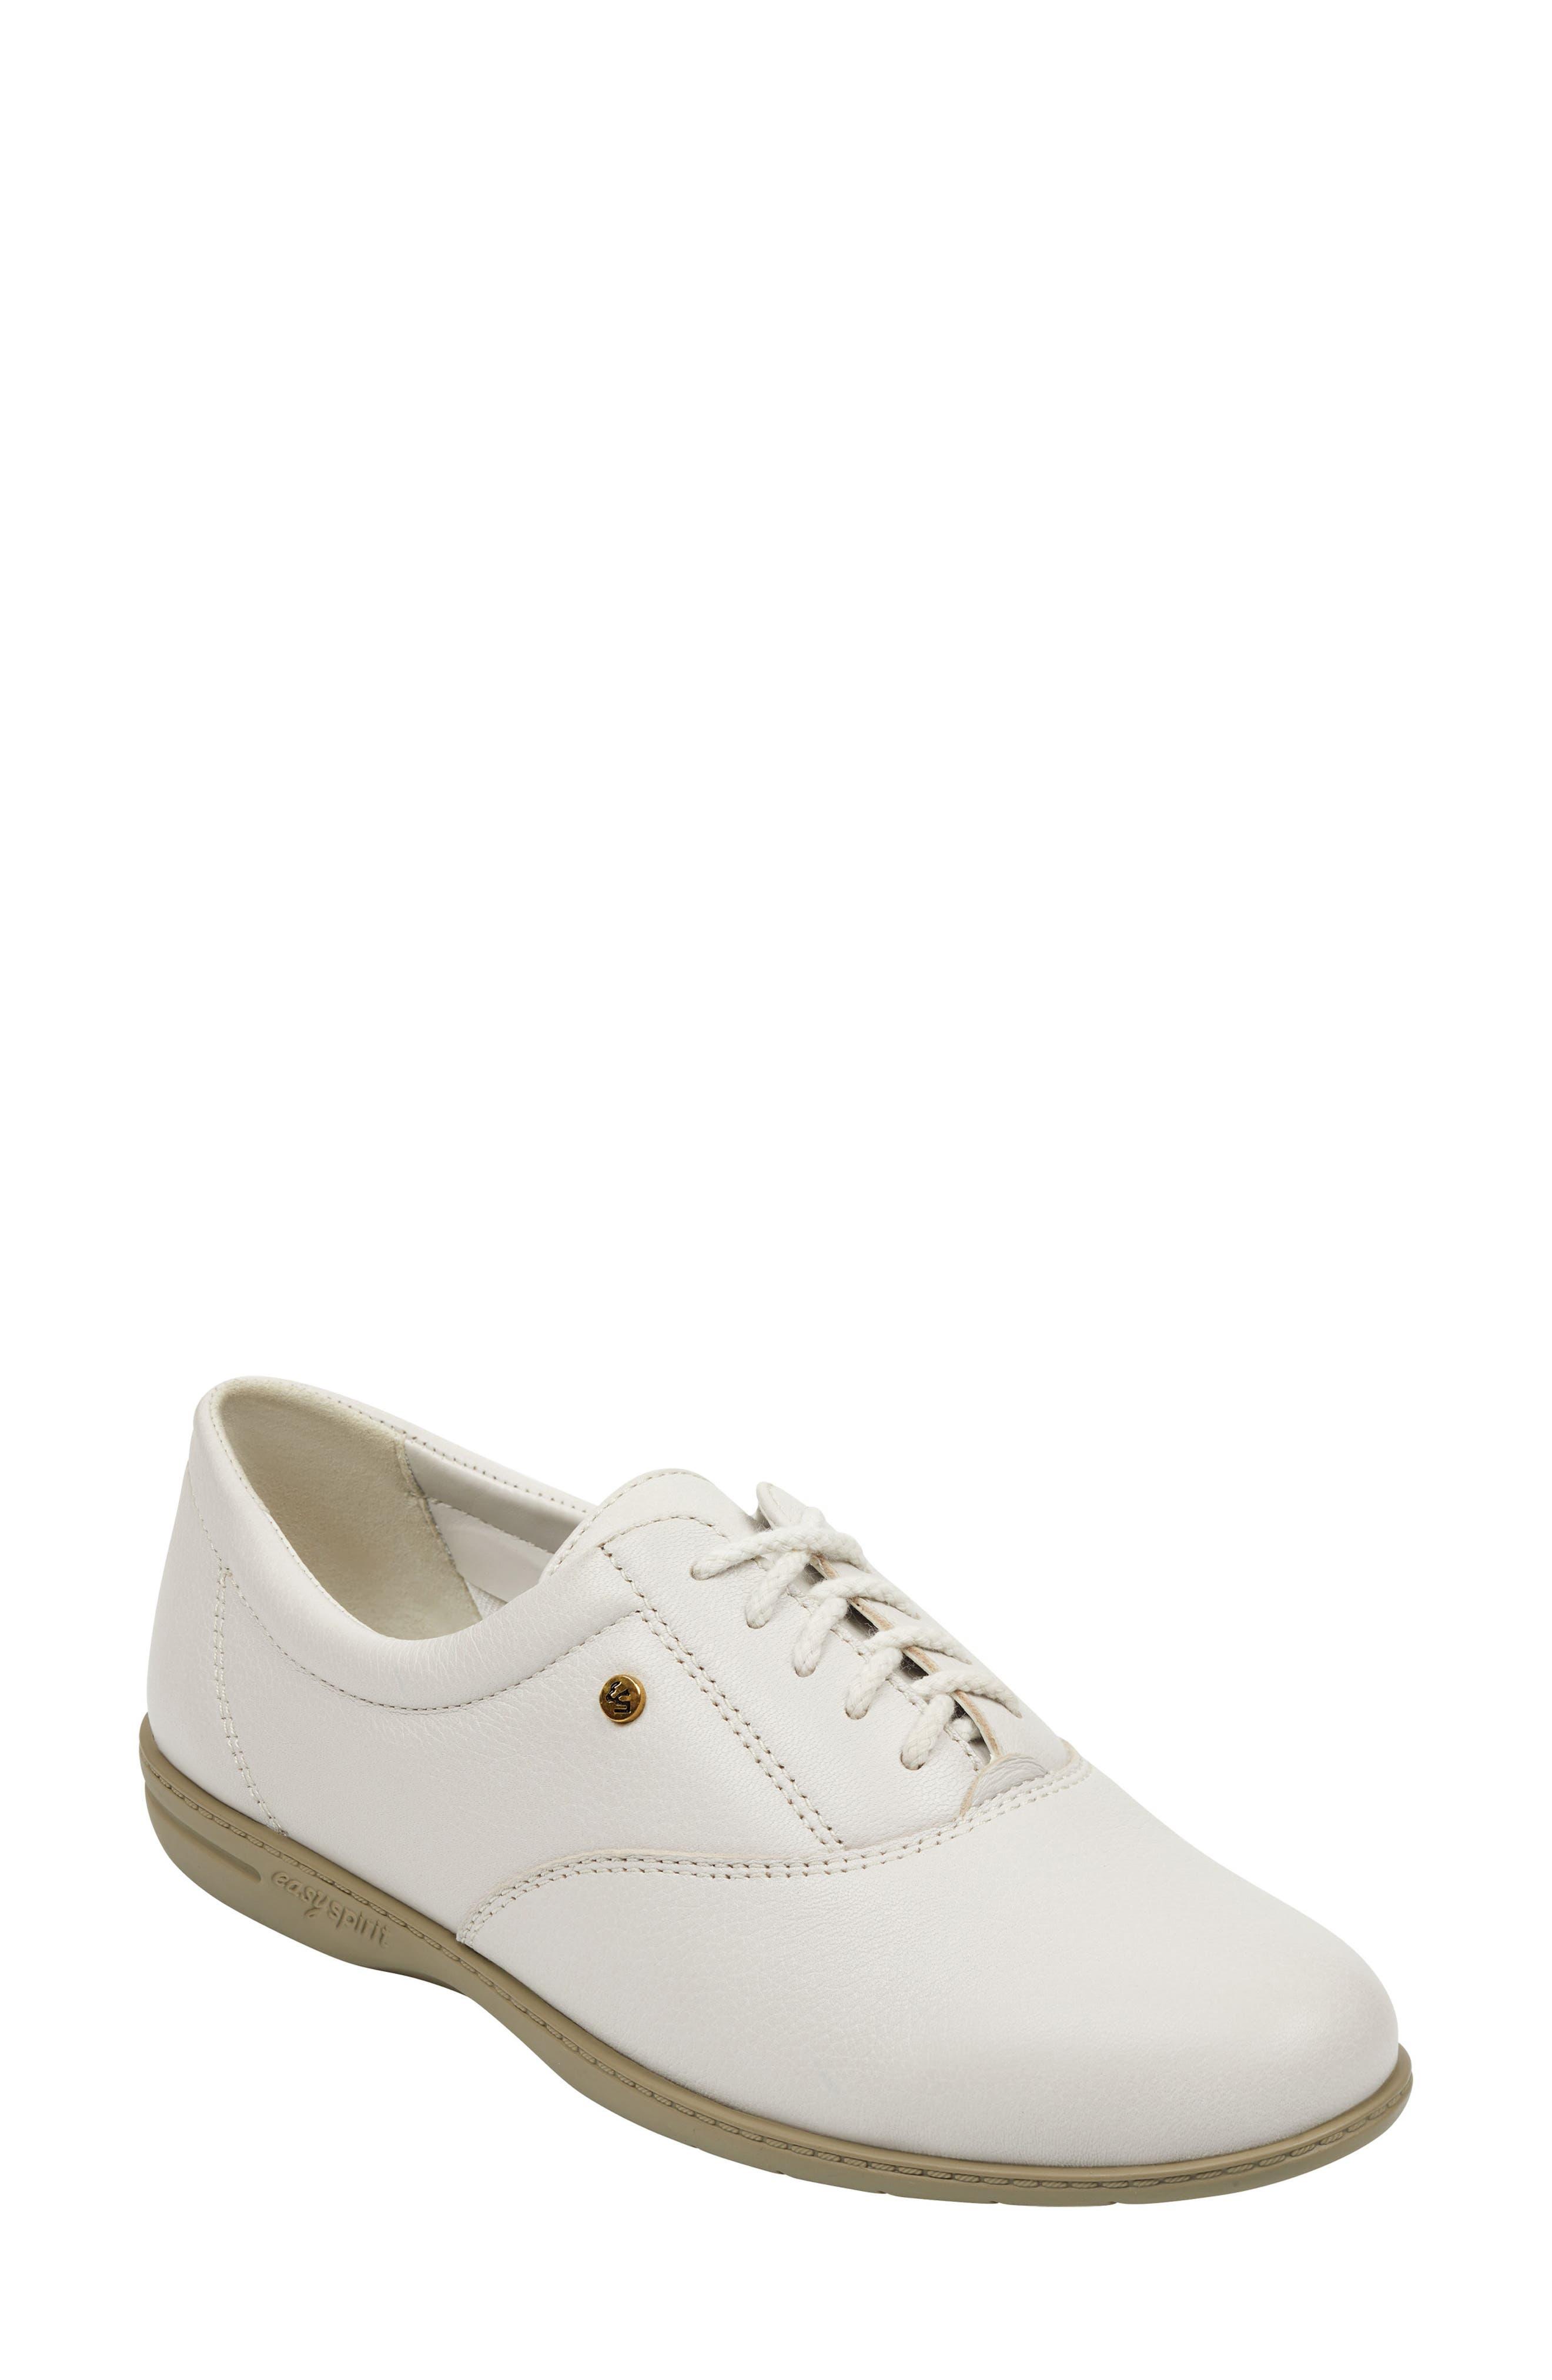 Women's Easy Spirit Sneakers \u0026 Athletic